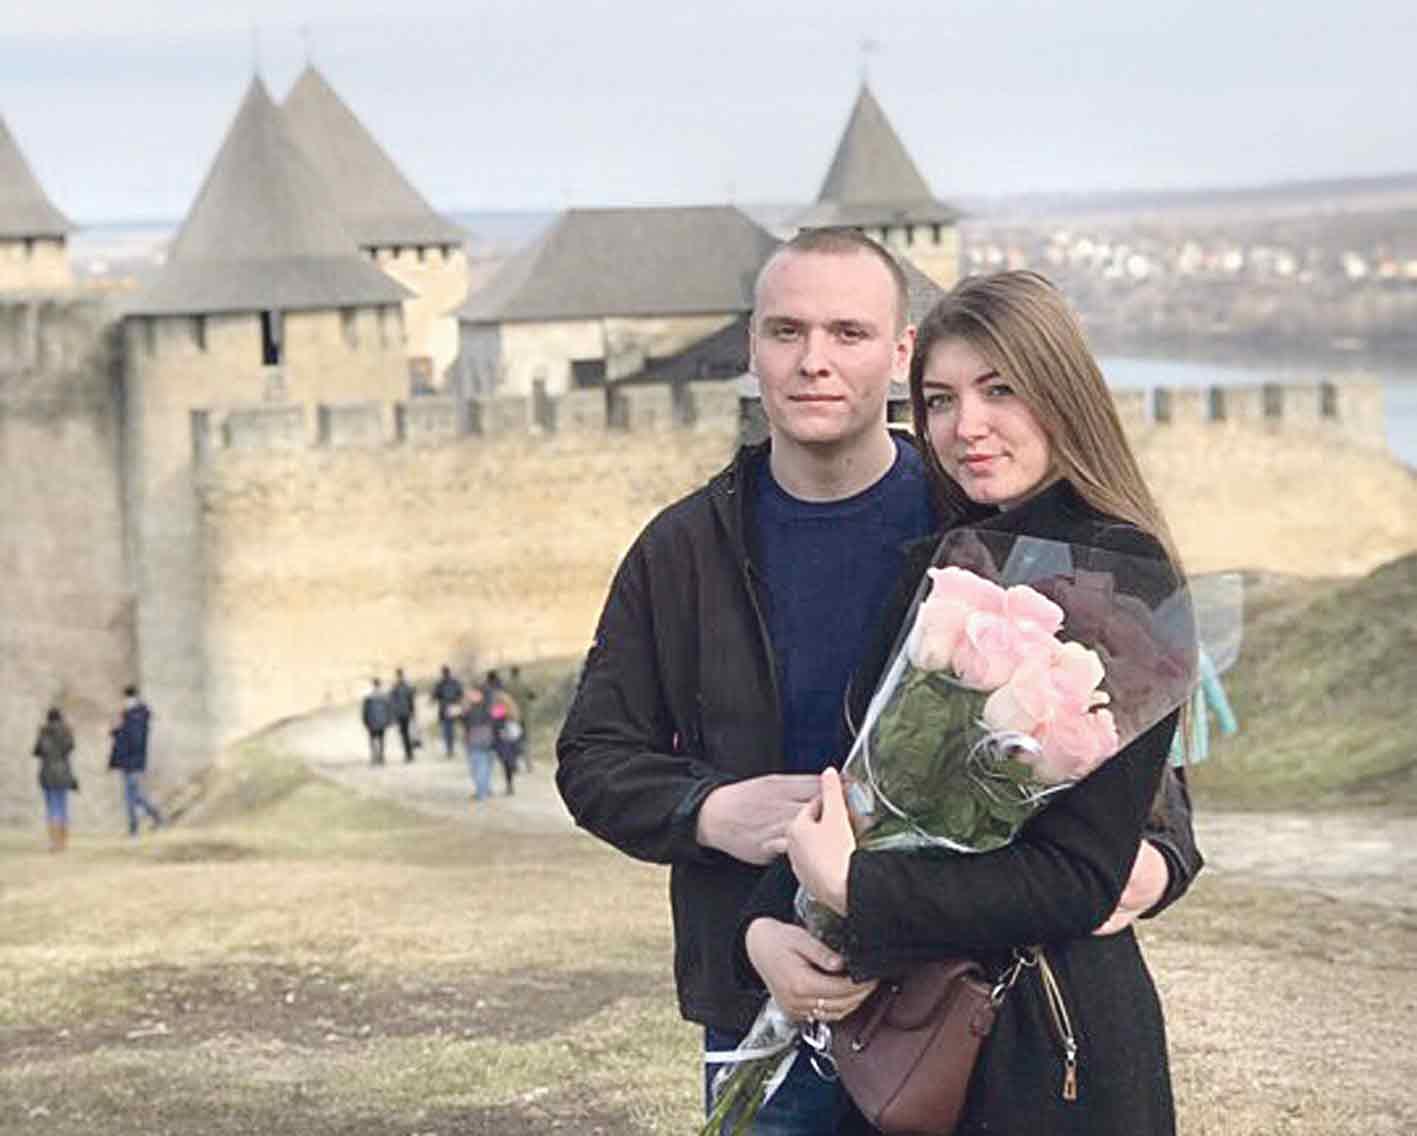 Як вінничанин освідчувався коханій біля фортеці